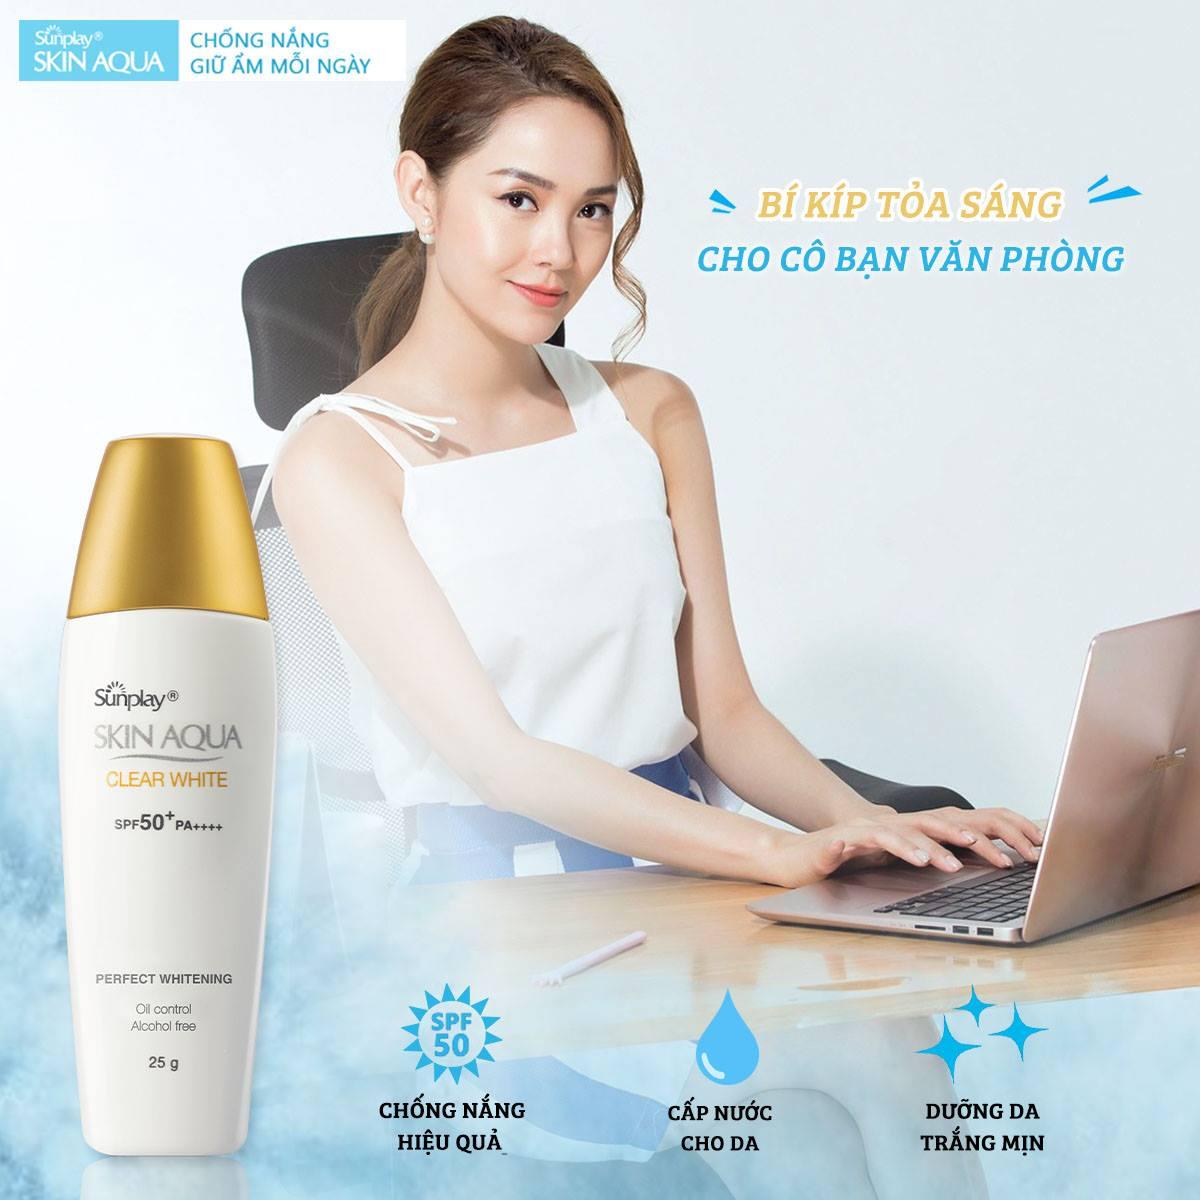 Sữa Chống Nắng Sunplay Dưỡng Da Sáng Mịn 55g | Hasaki.vn